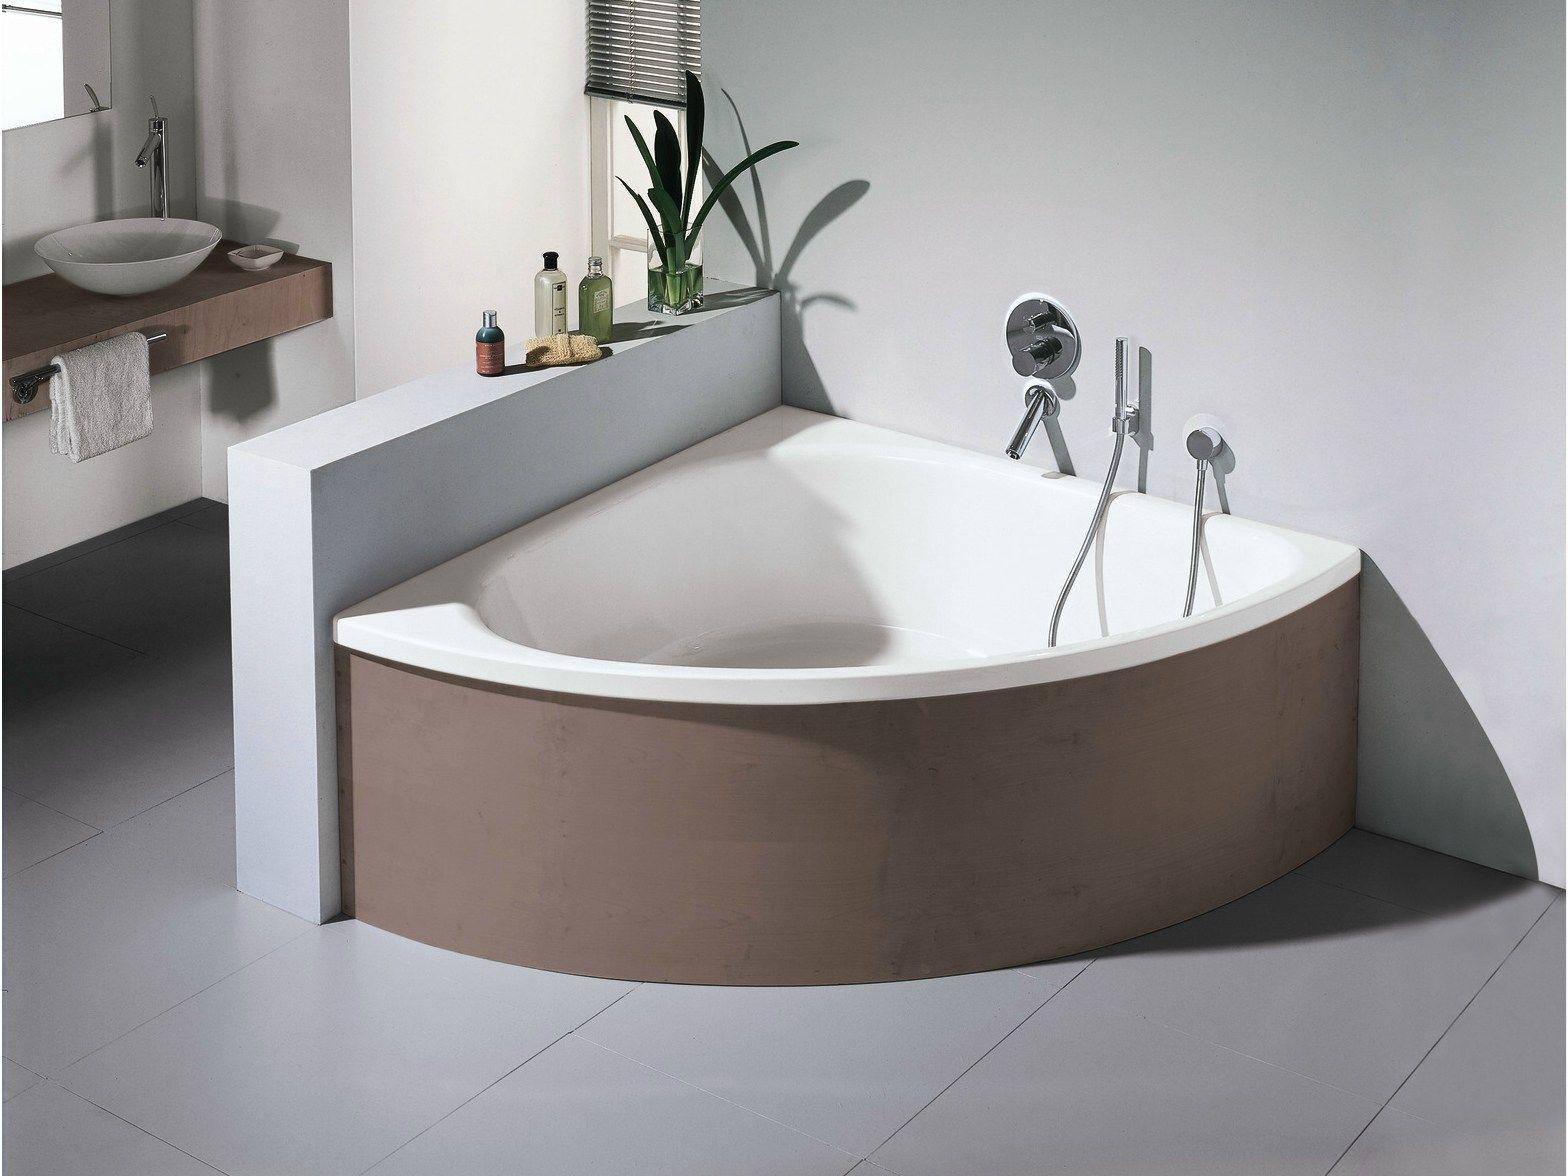 Vasca Da Bagno Da Incasso : Vasca da bagno in acciaio smaltato da incasso bettearco bette